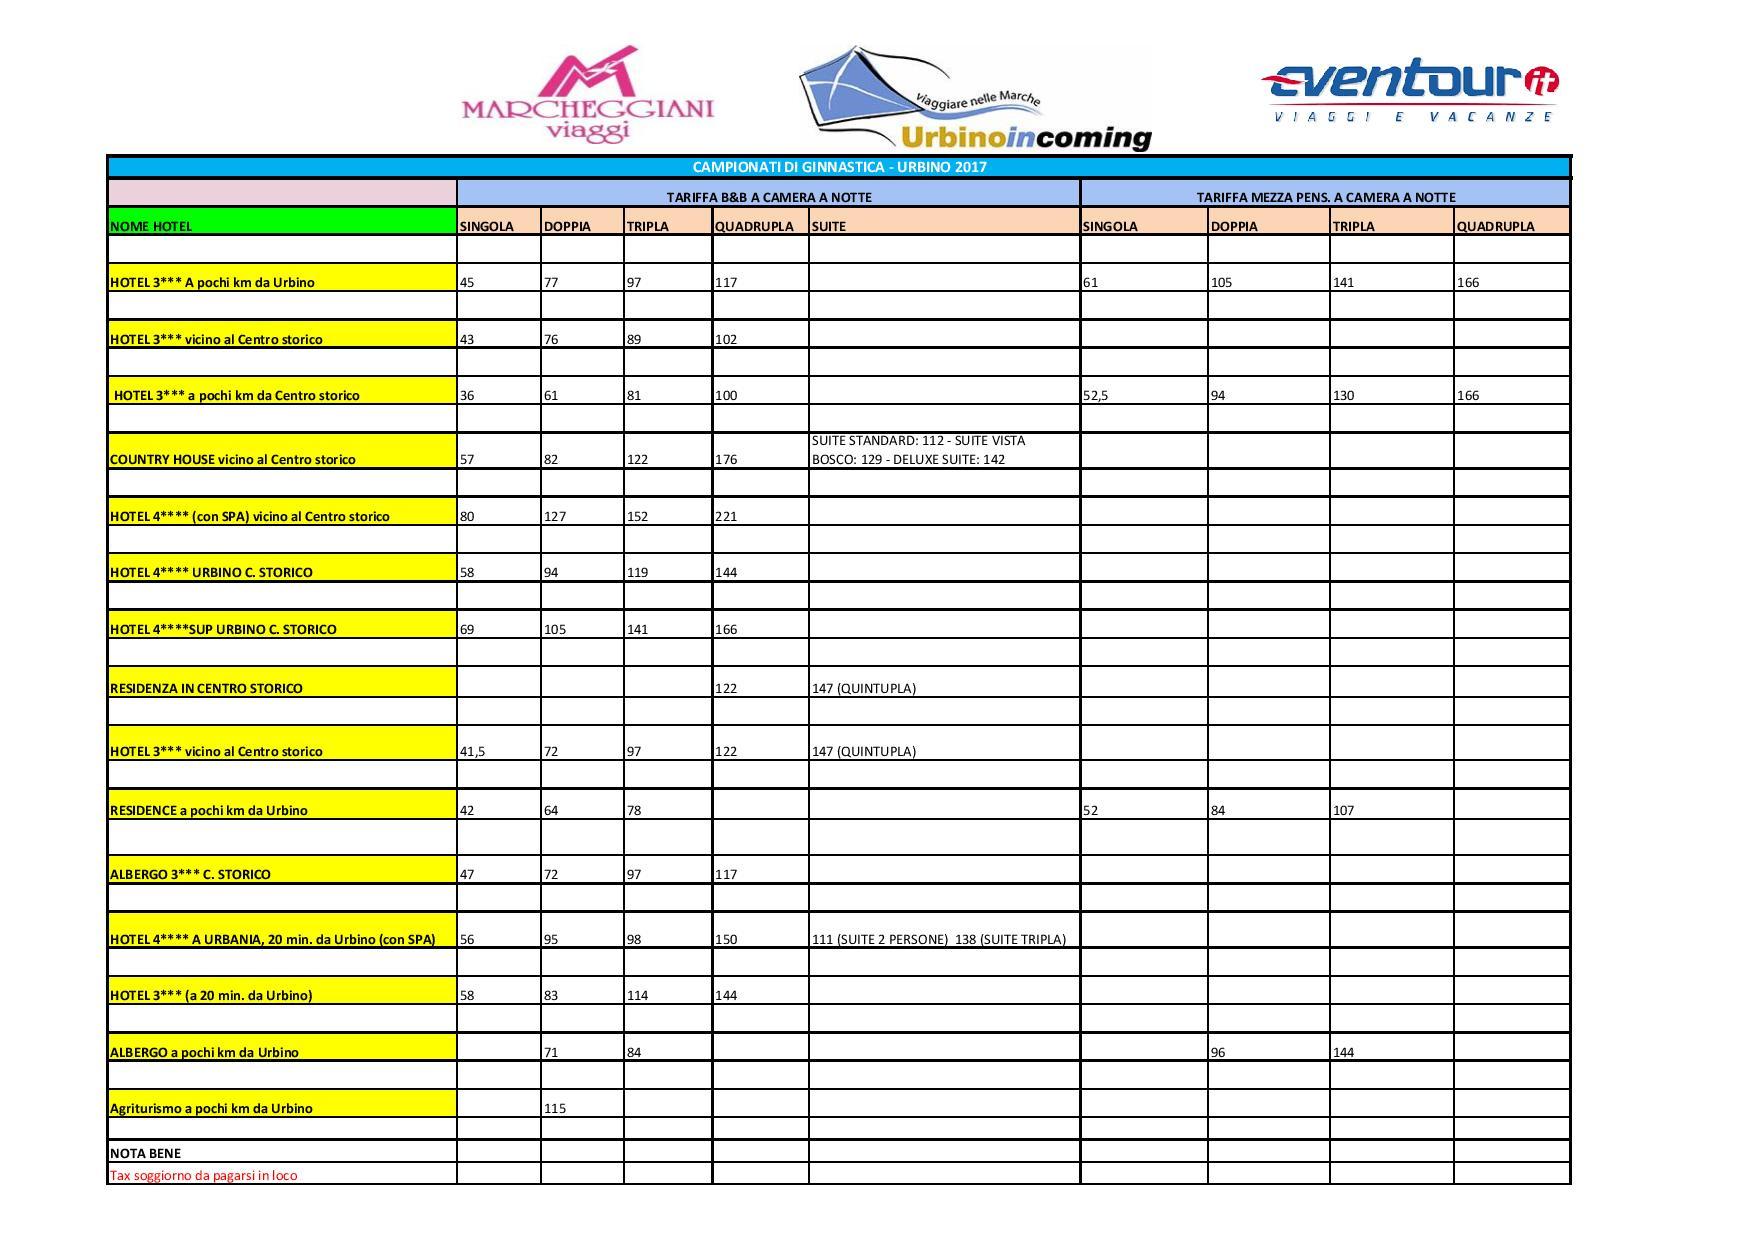 Campionati ginnastica2017_Tariffe Hotel_definitivoxsito-page-001 (1)